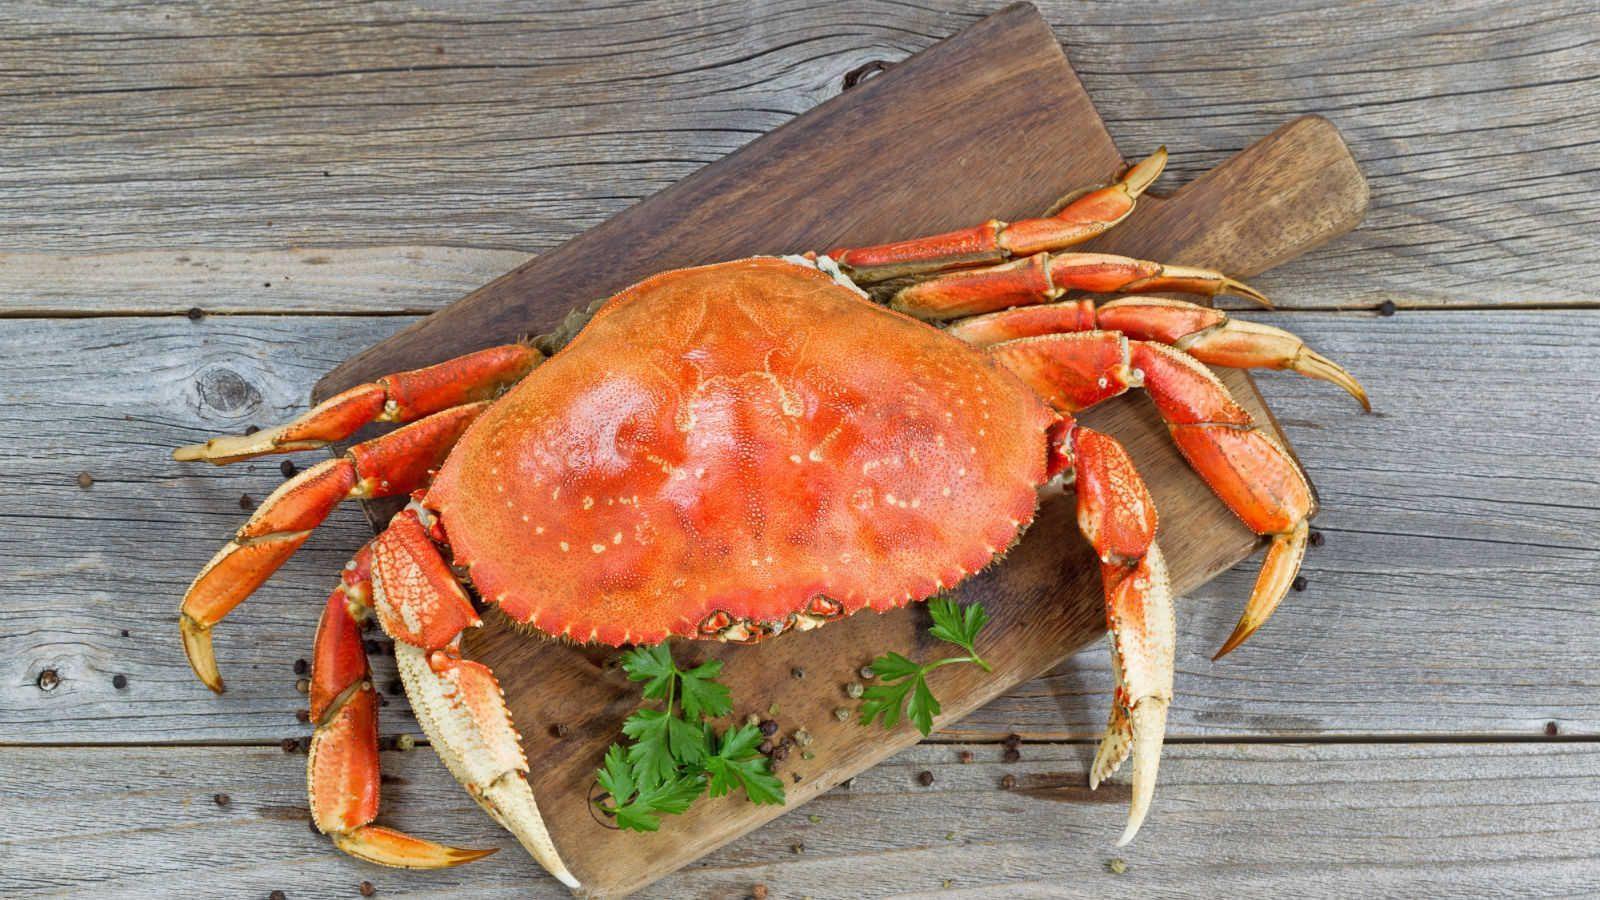 Apesar da carcaça dura, a carne do caranguejo é uma das mais macias